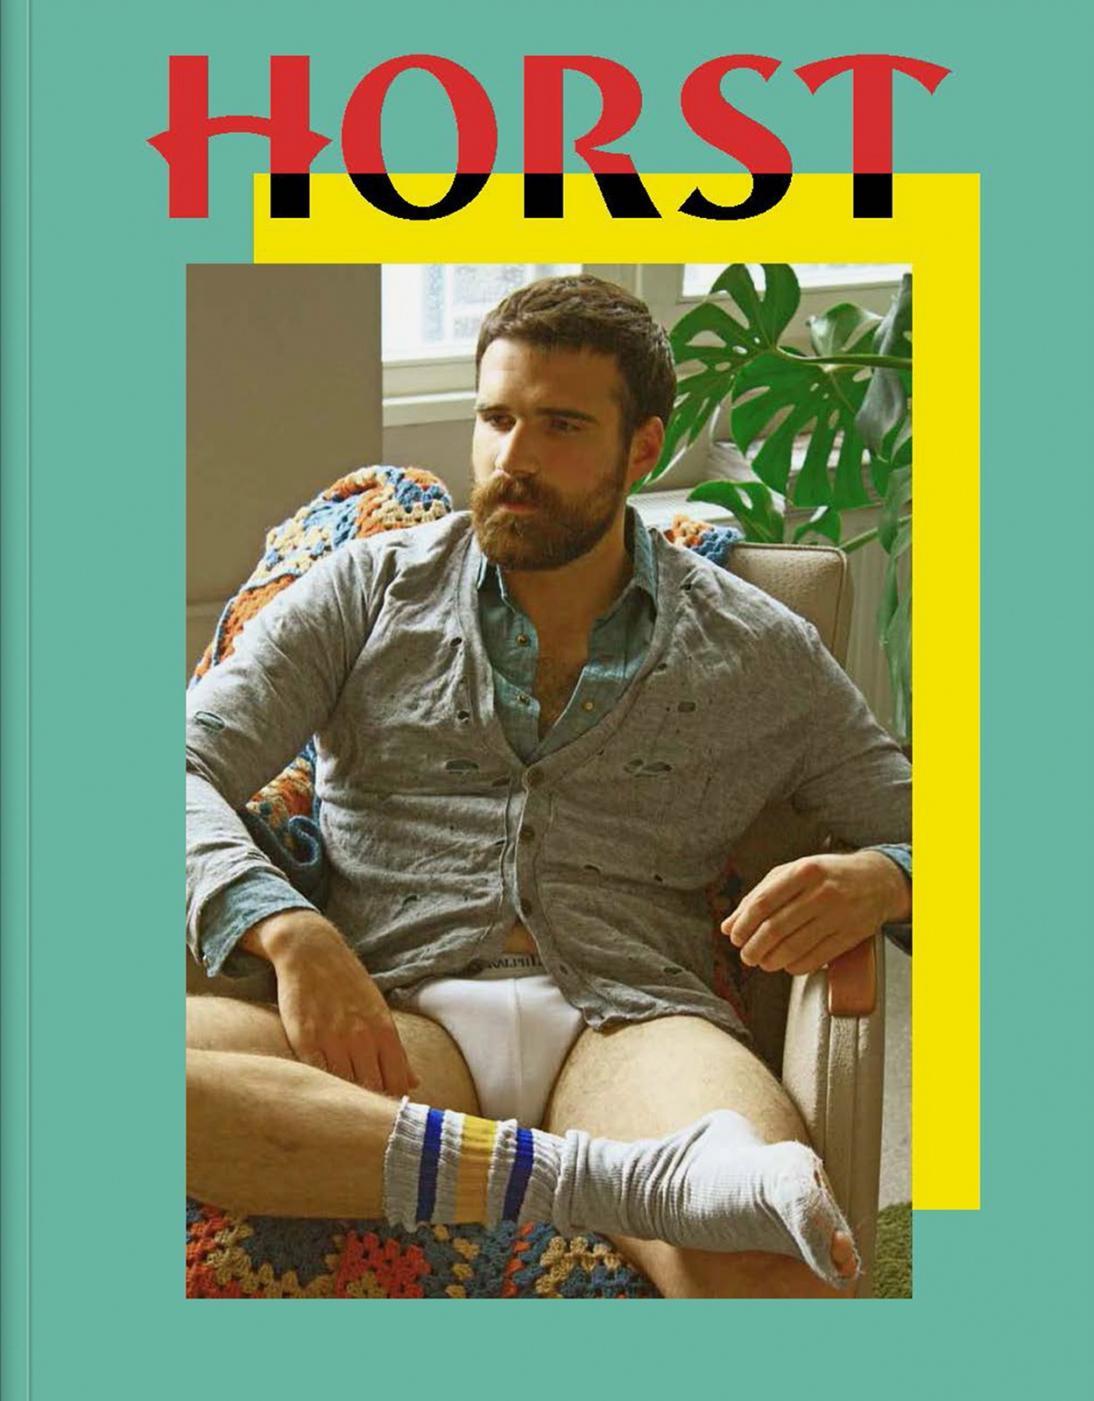 horst_mockup_cover.jpg